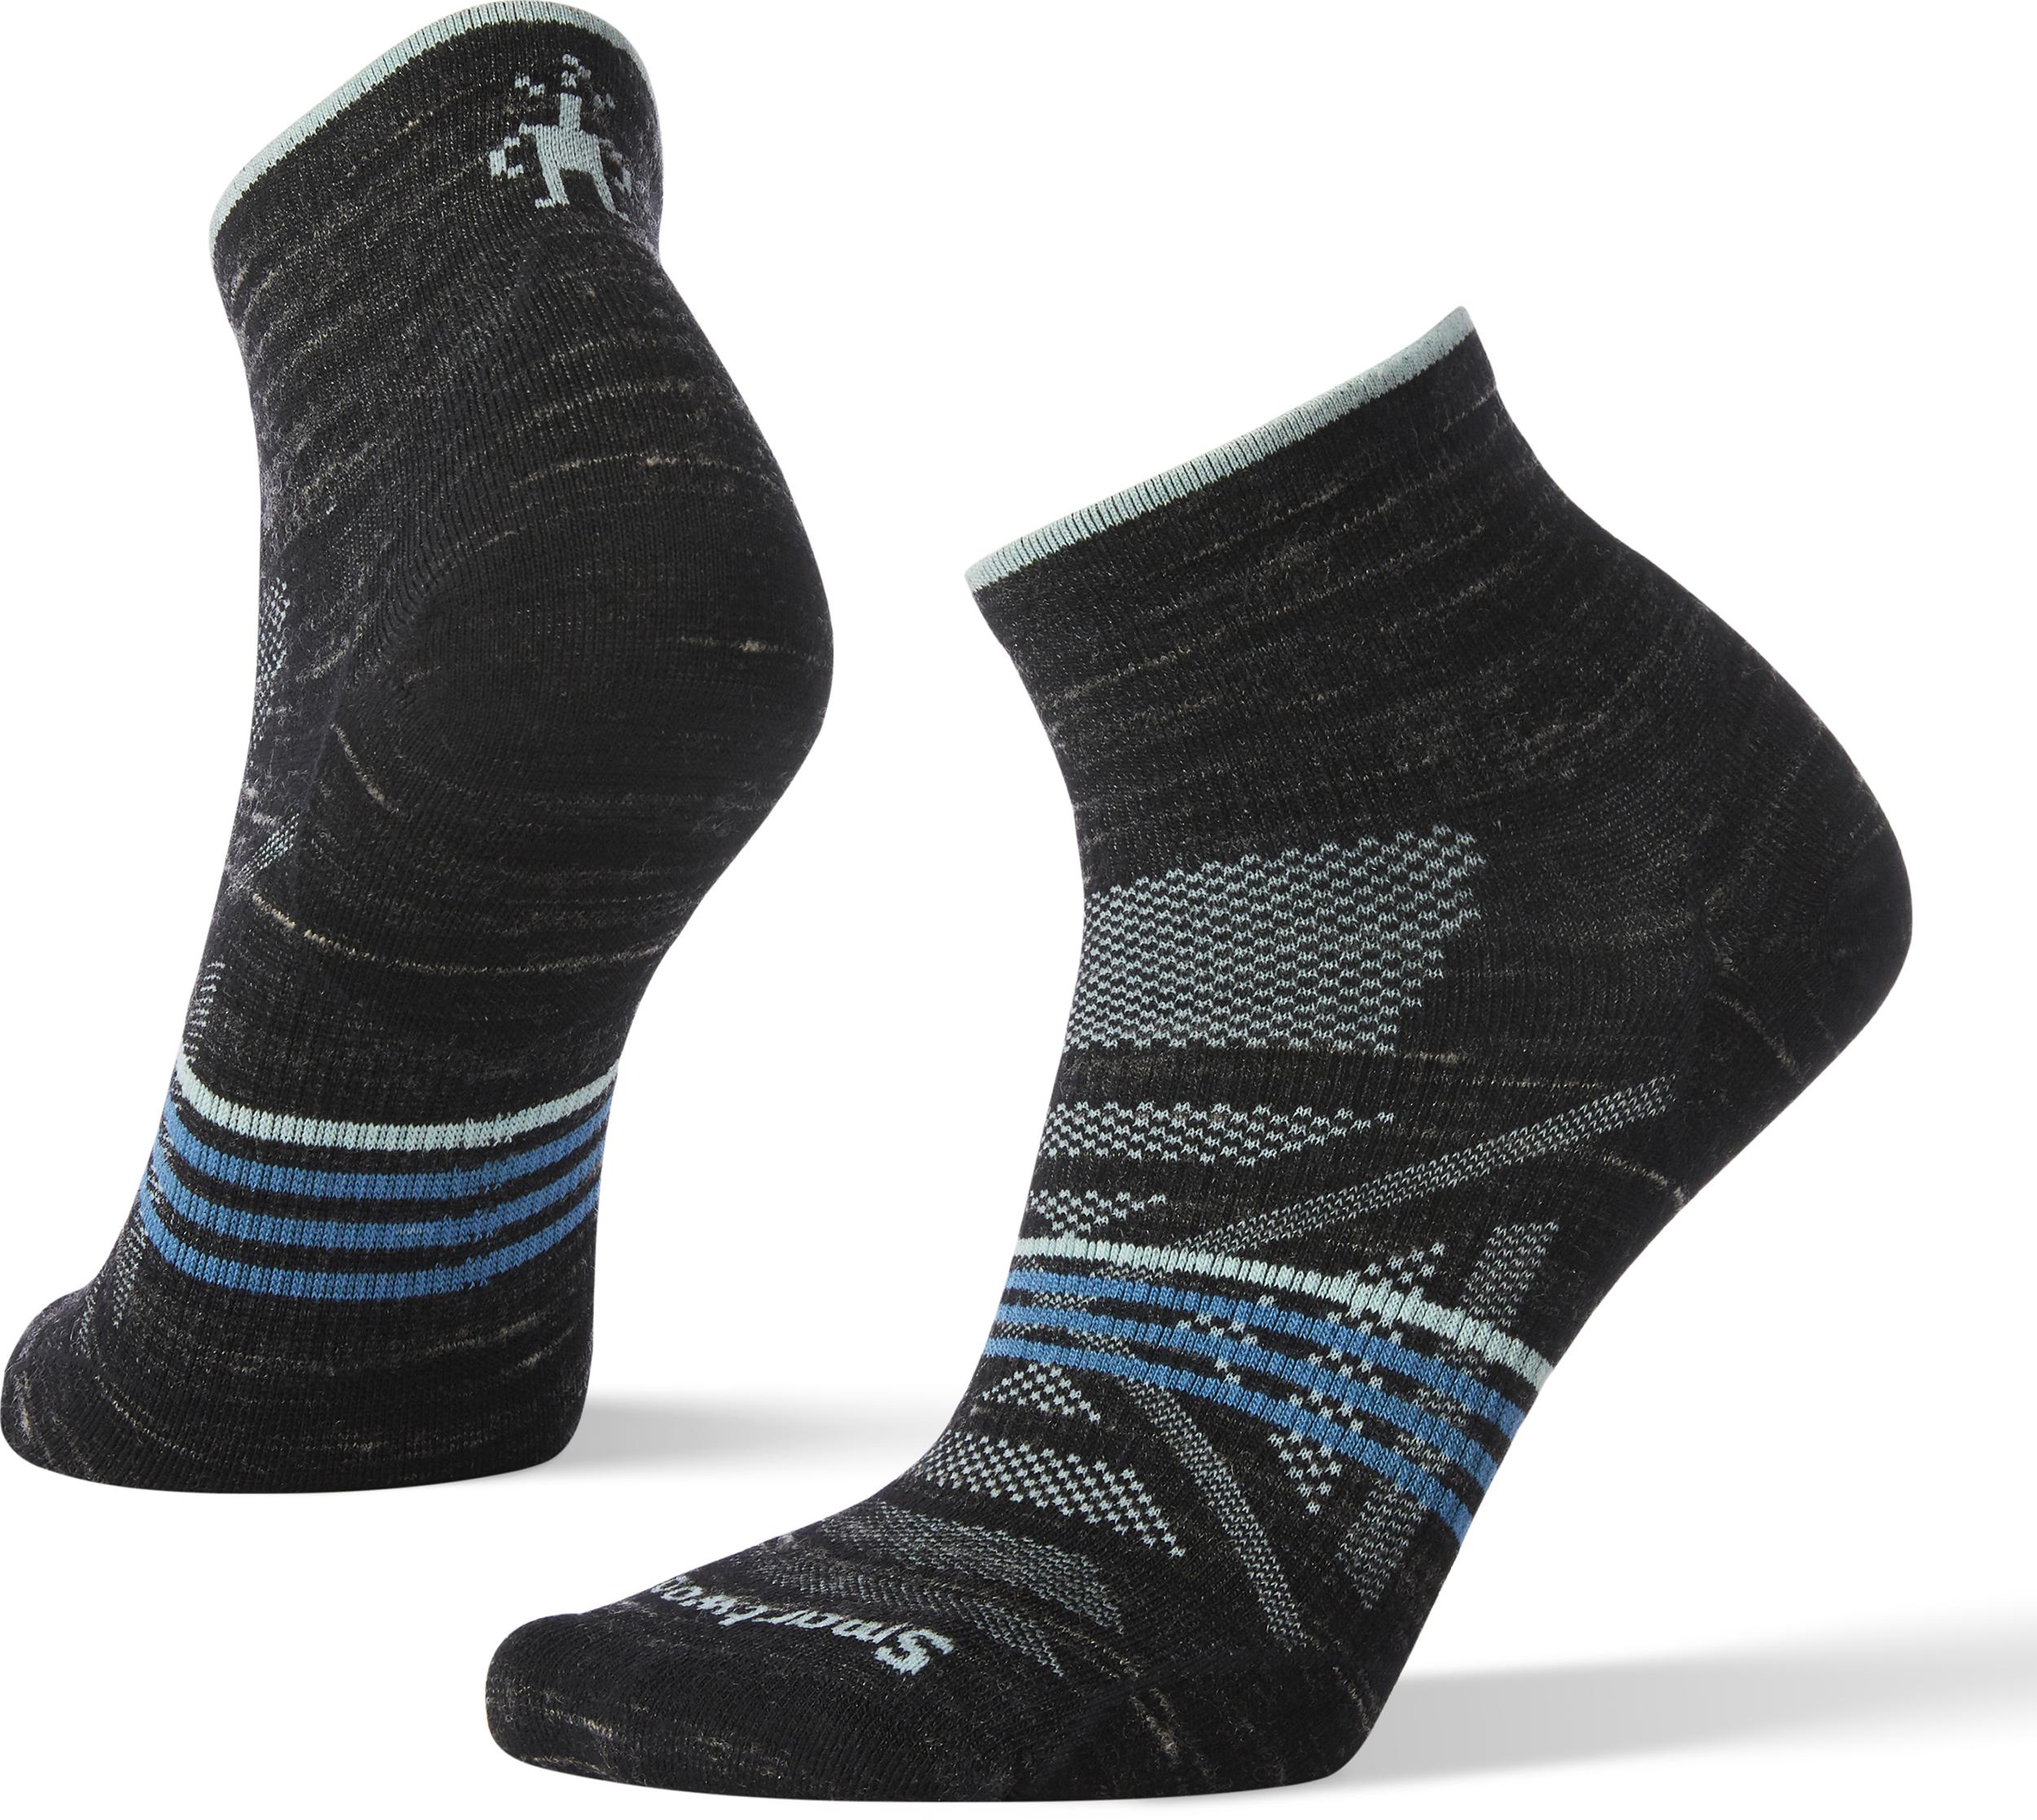 ea0b5a8d0 Smartwool PhD Outdoor Ultra Light Mini Socks - Women s